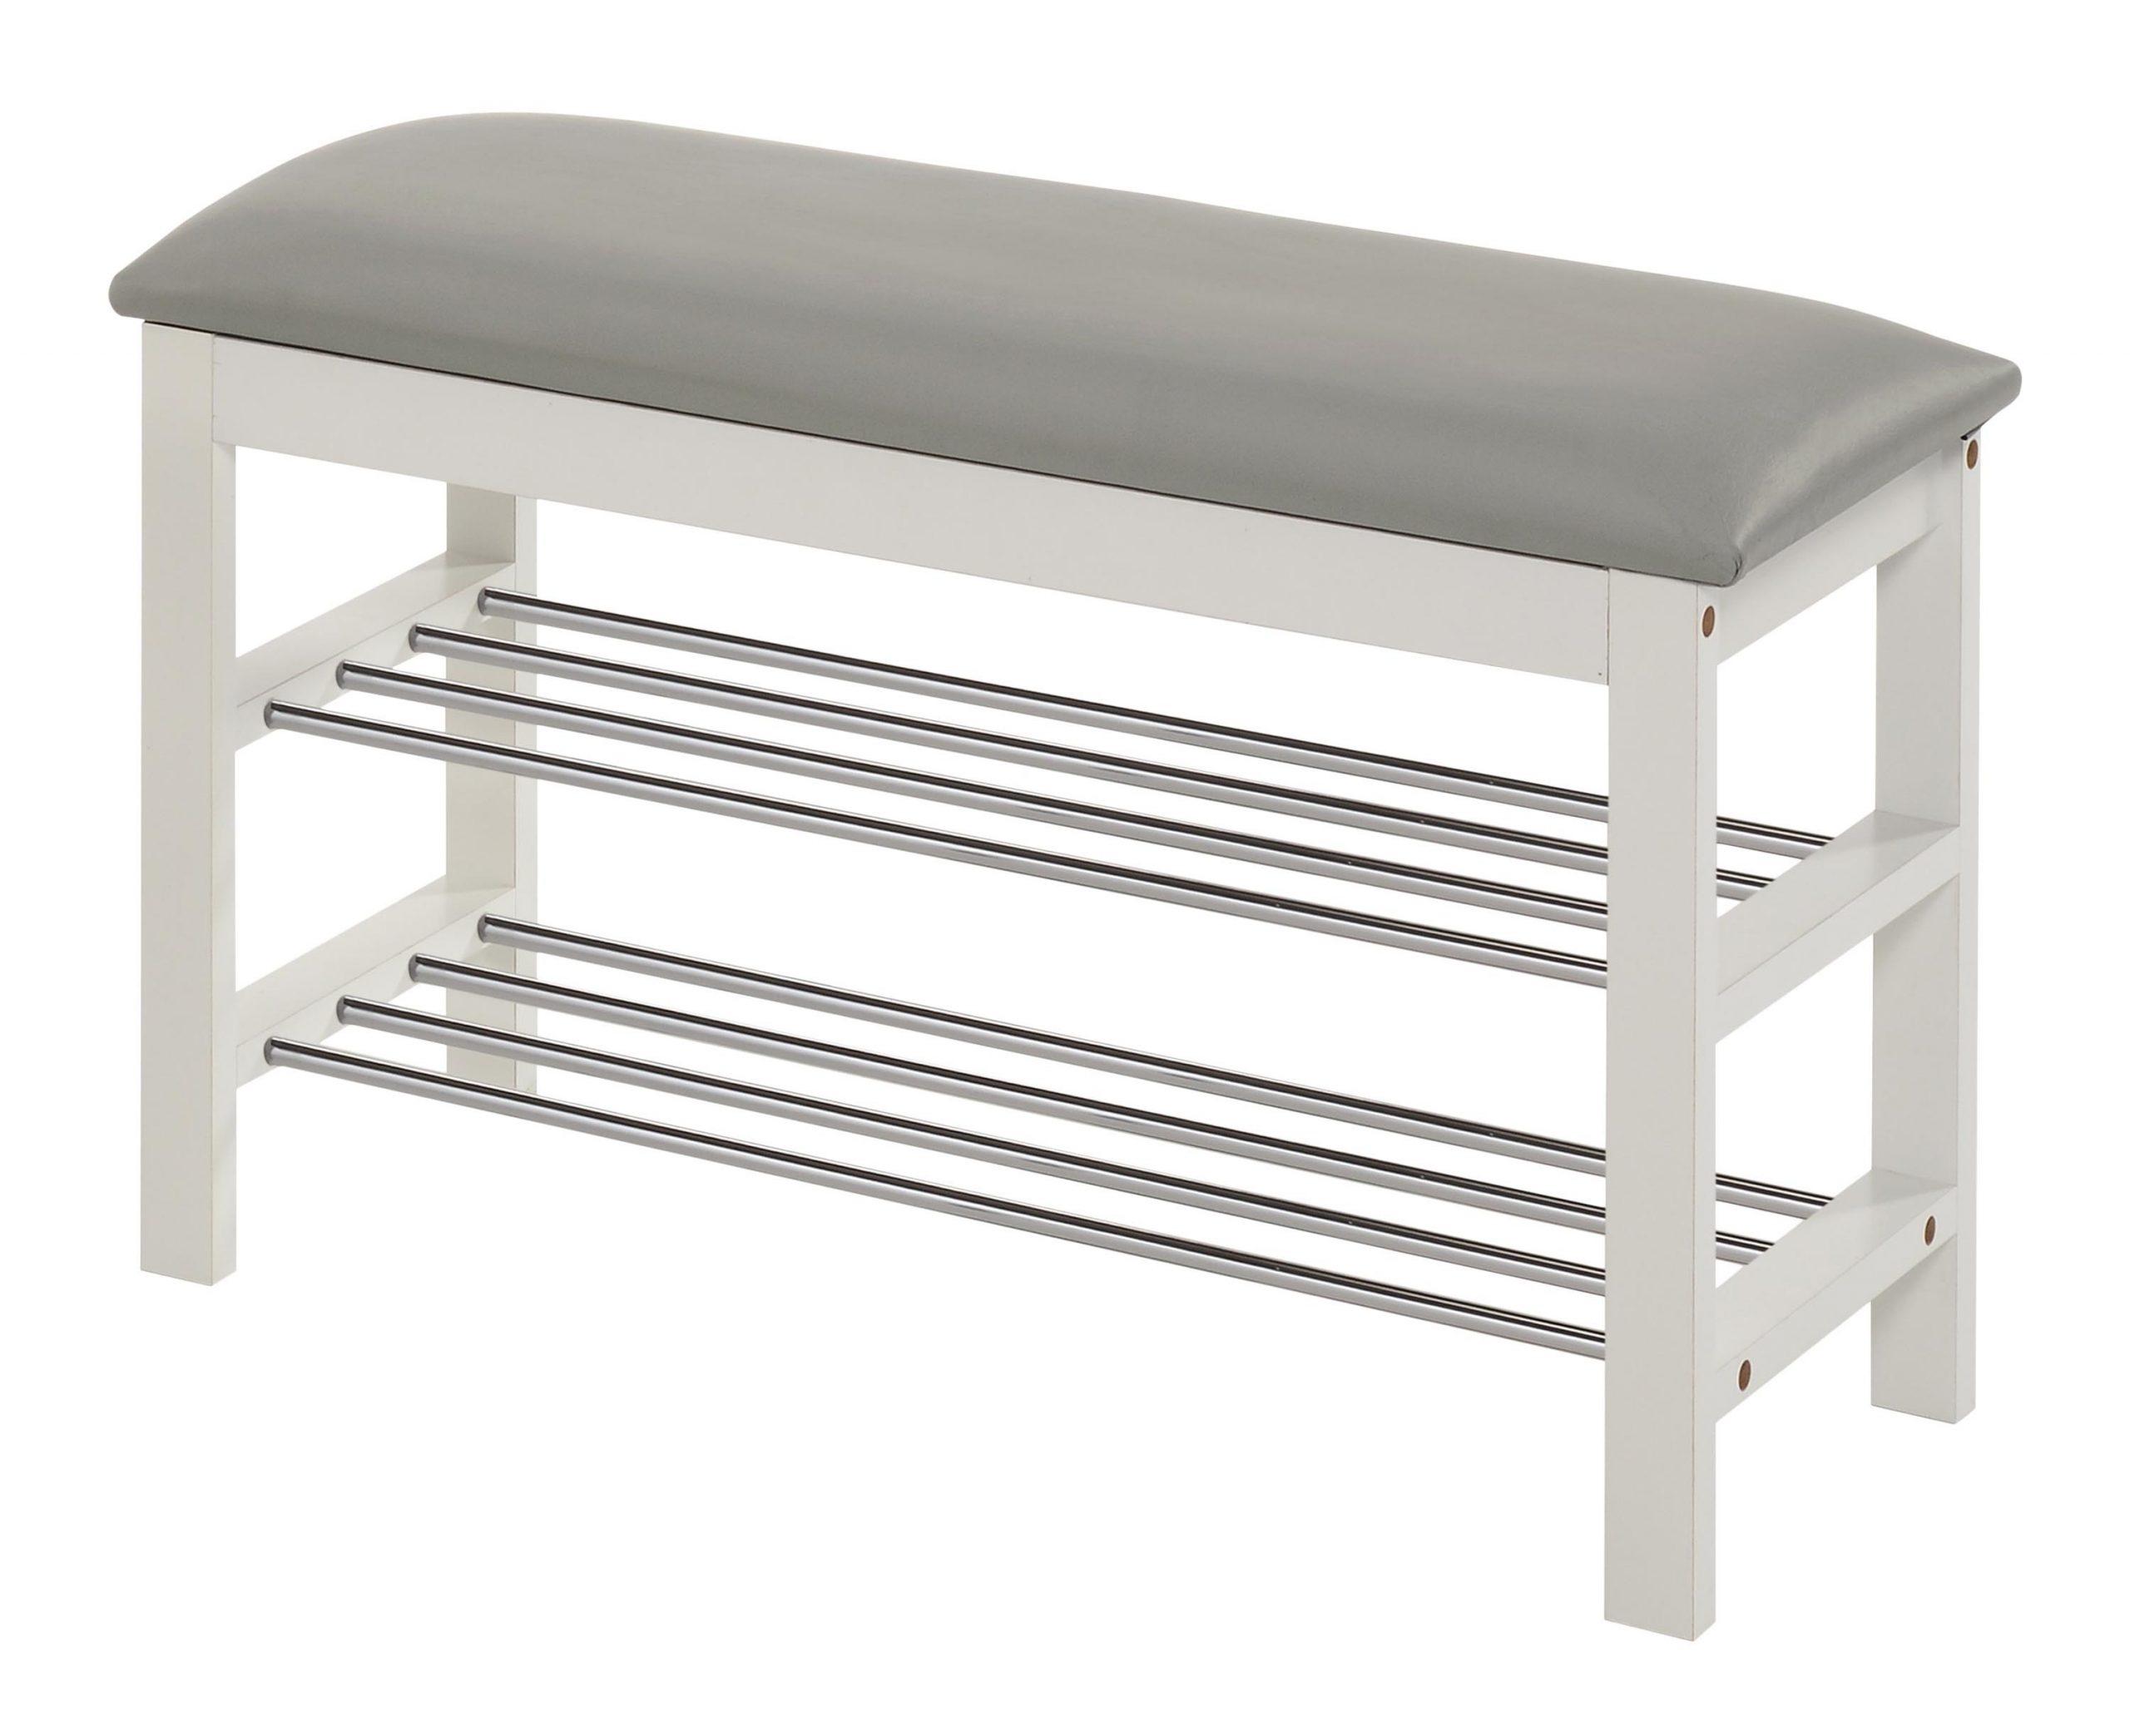 Schoenenrek Sera 48 cm hoog in wit met grijs | Home Style